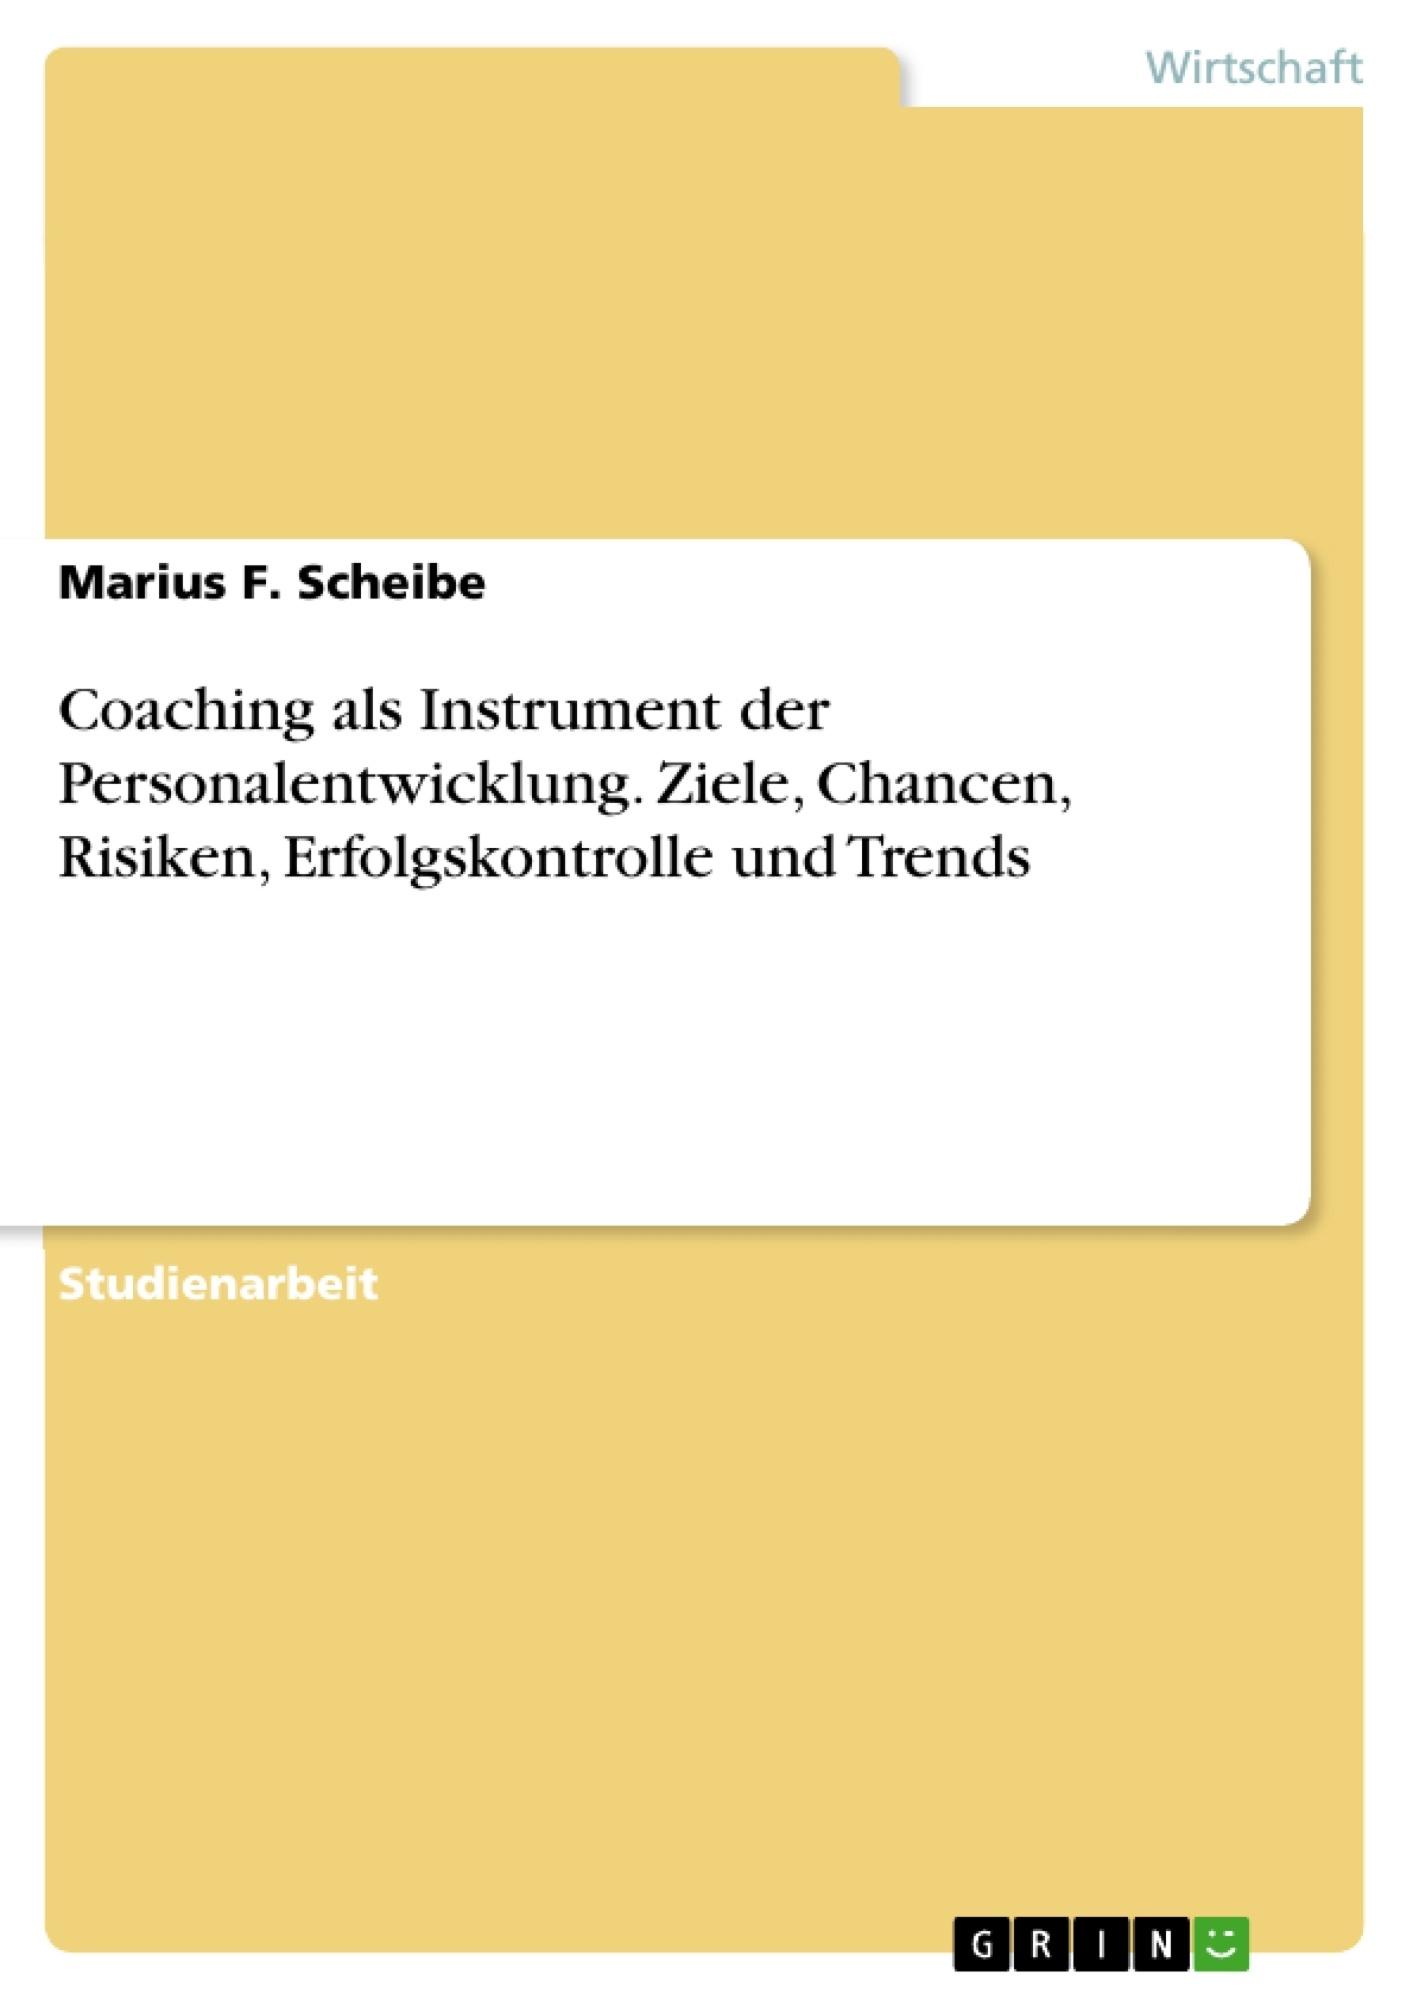 Titel: Coaching als Instrument der Personalentwicklung. Ziele, Chancen, Risiken, Erfolgskontrolle und Trends